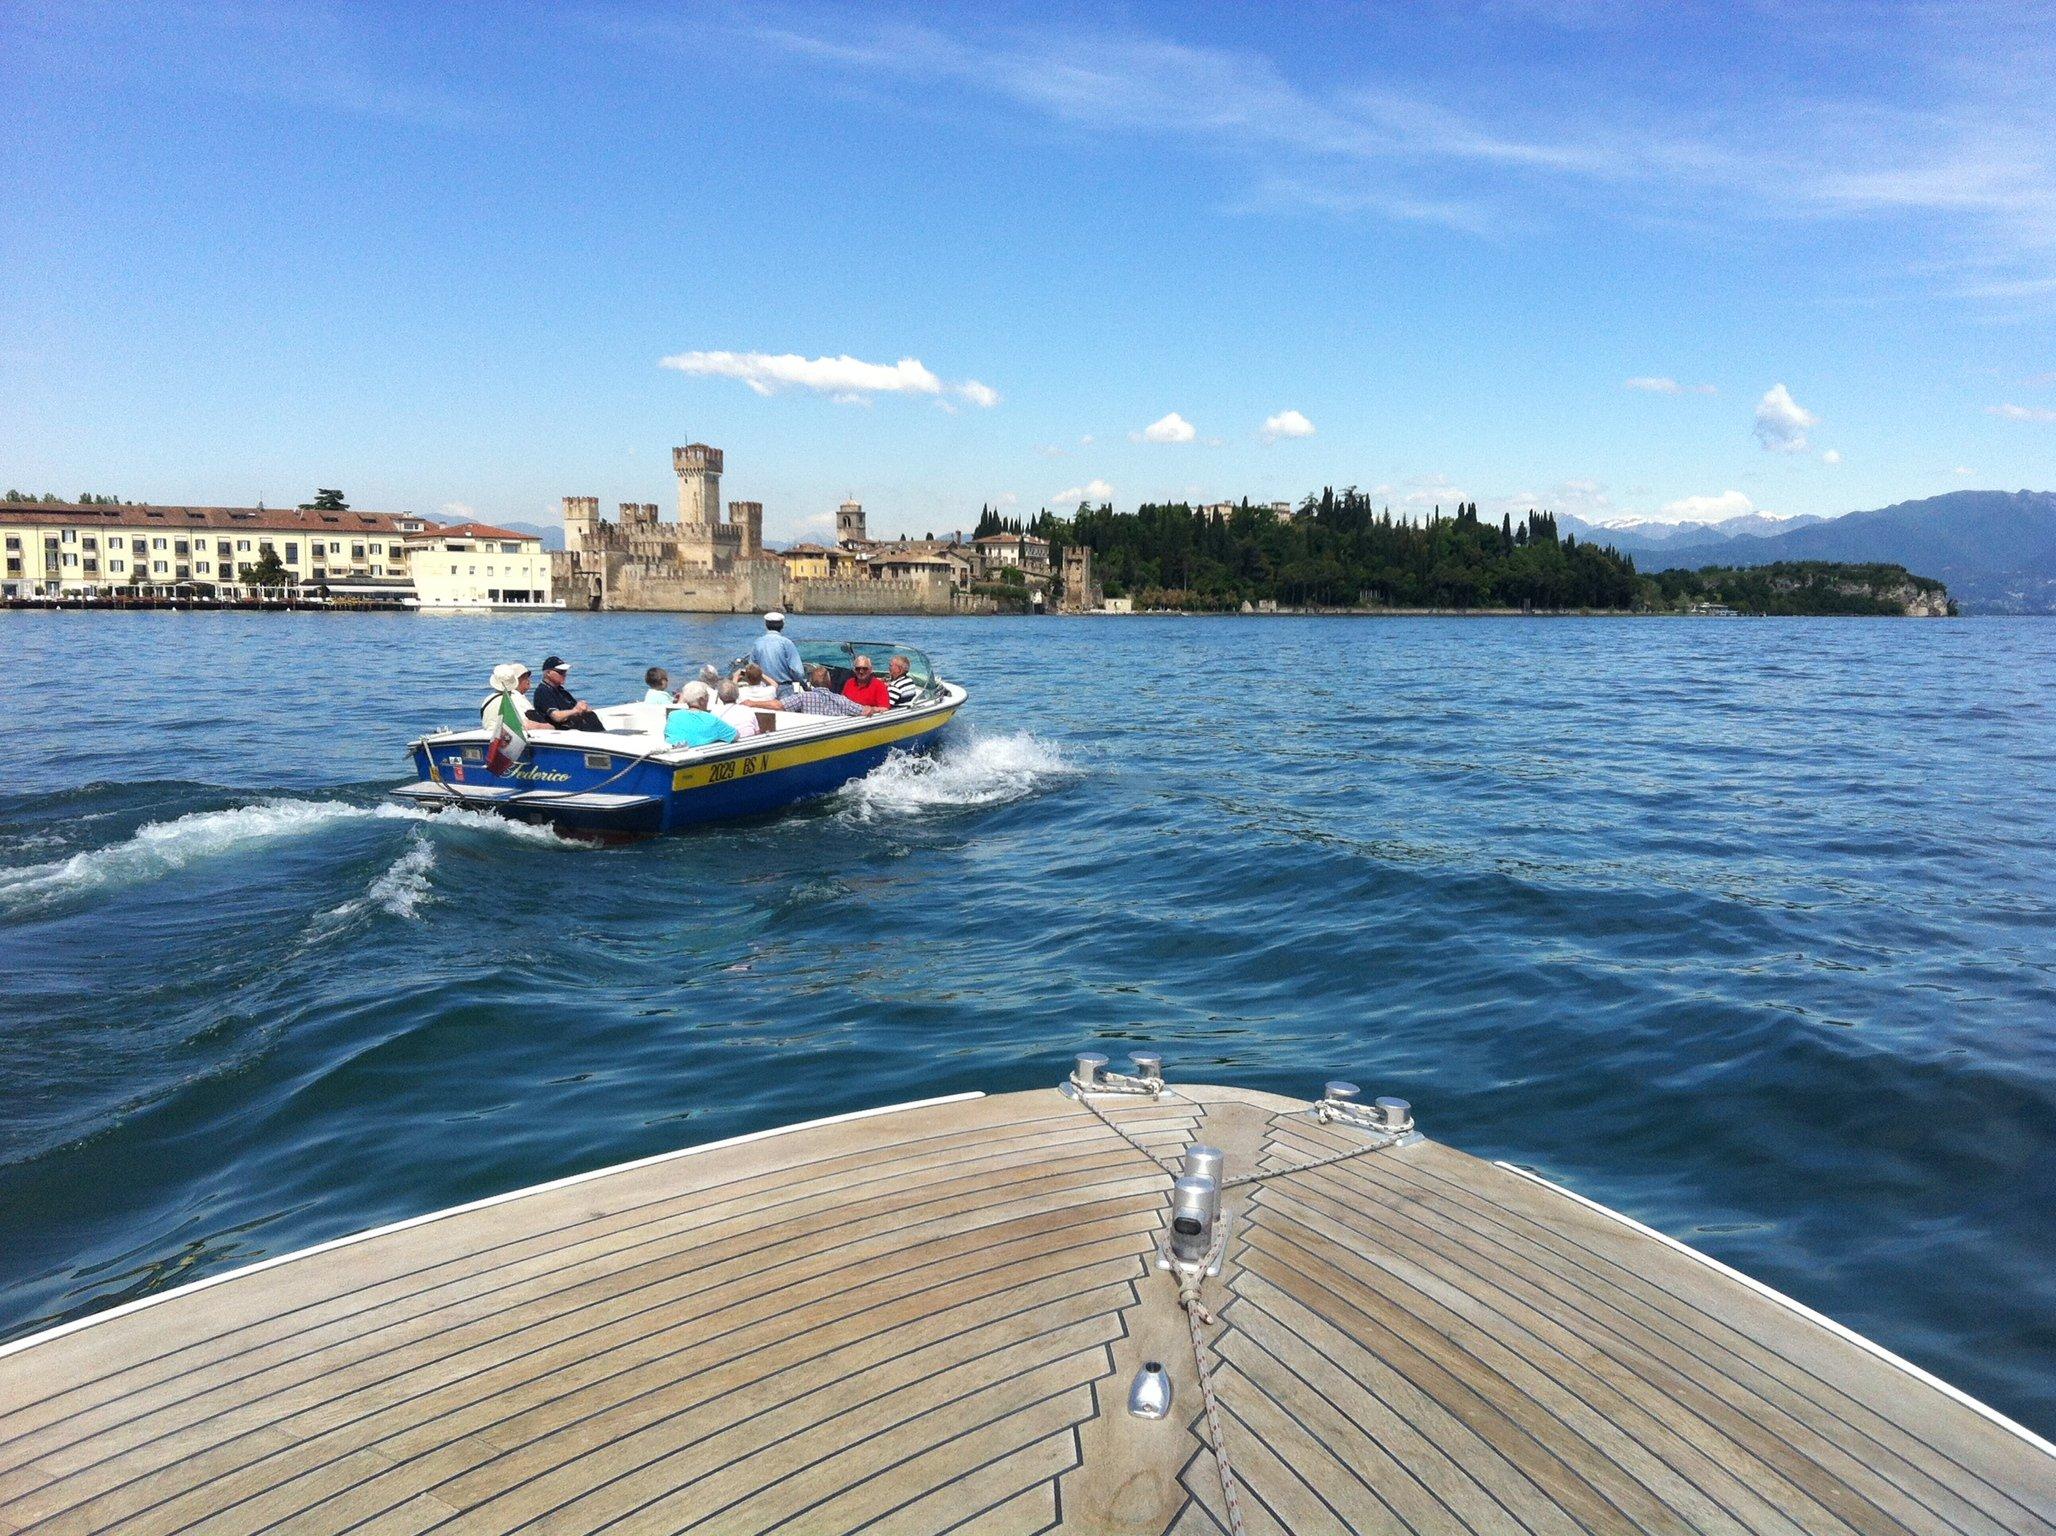 prua di un motoscafo con vista sul lago e terraferma